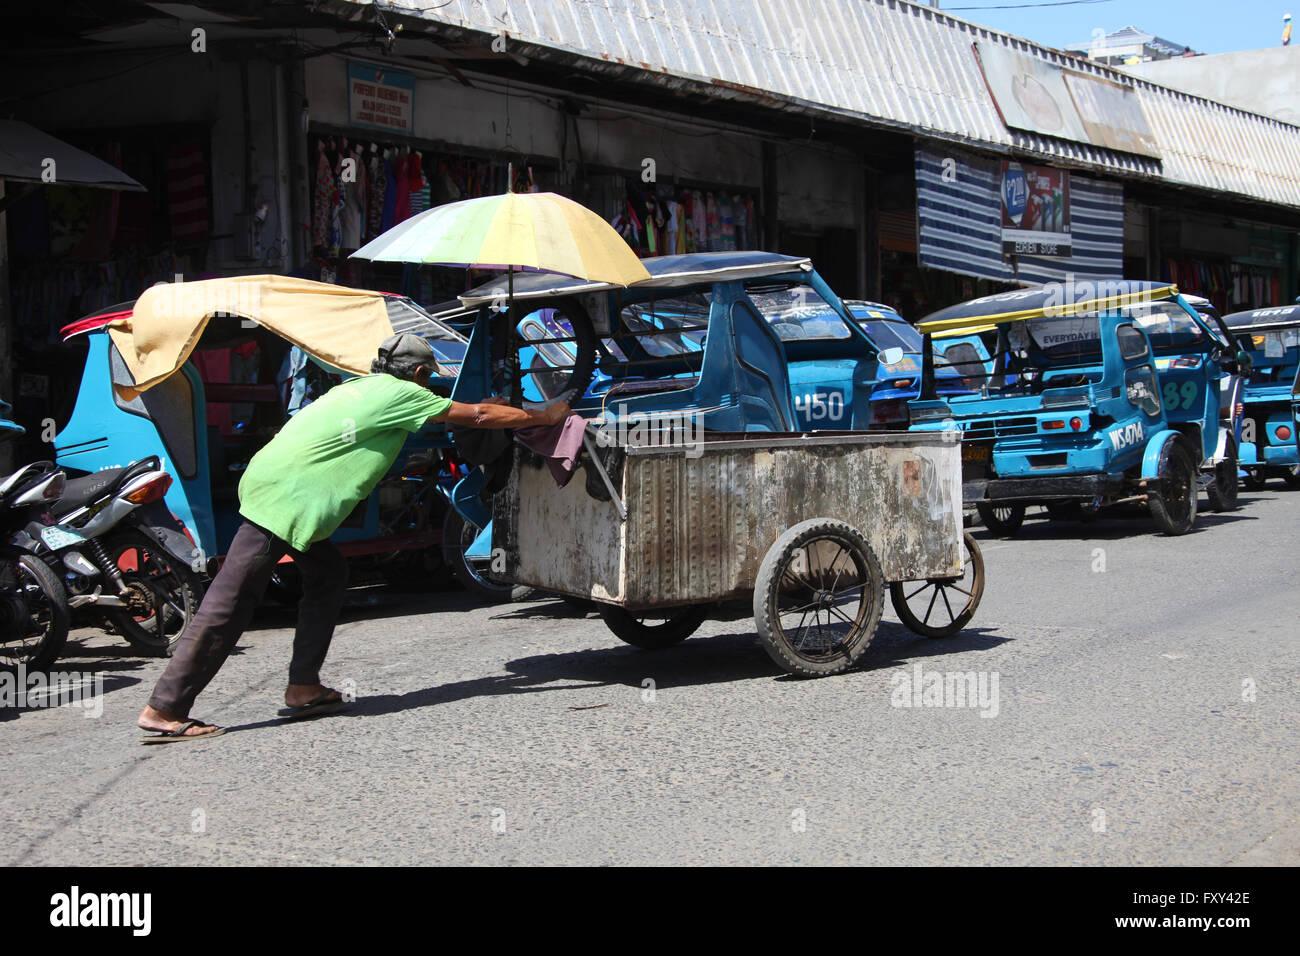 Panier en acier homme pousse l'ASIE Philippines Puerto Princesa 23 Avril 2015 Banque D'Images